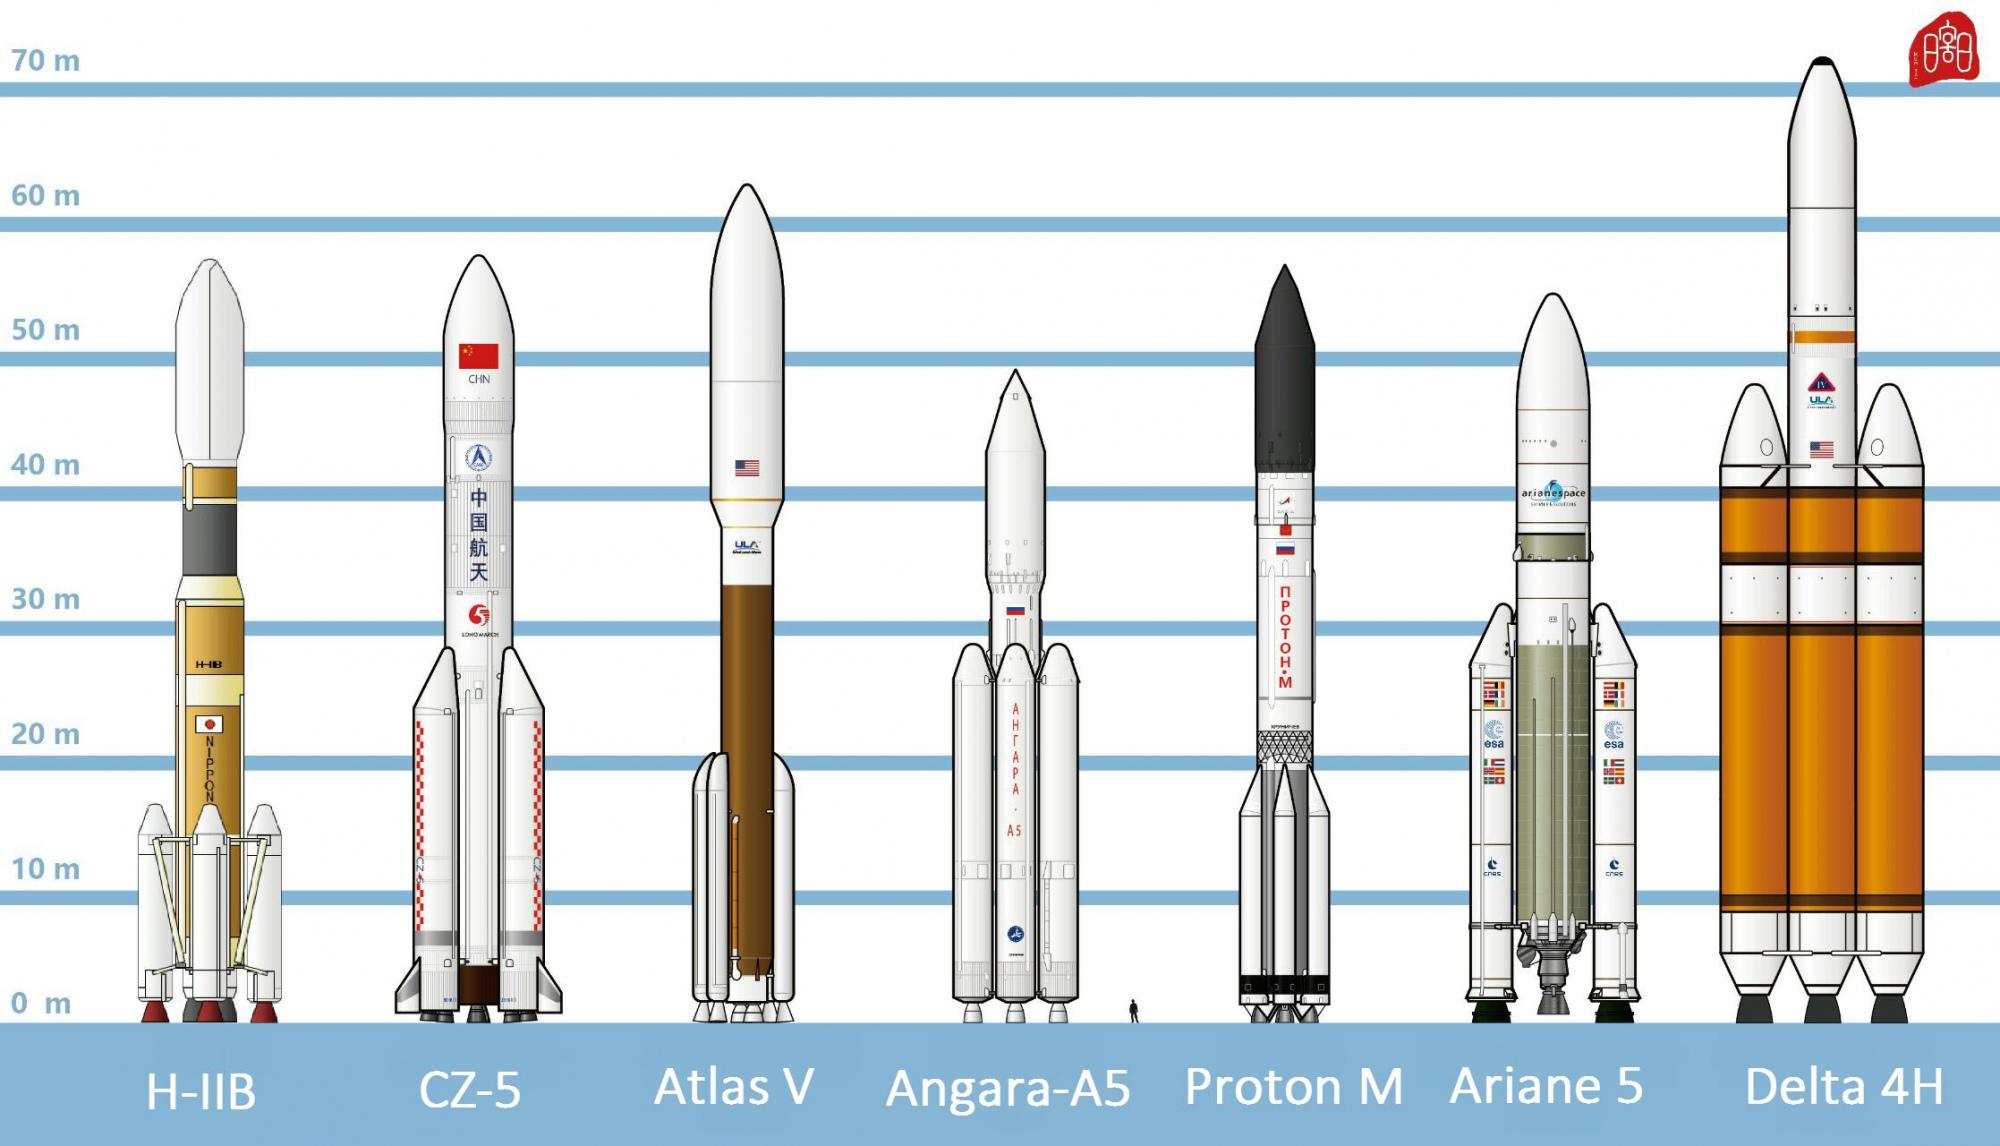 7-space-launchers.thumb.jpg.eea73720eb71008fc9644758f22b3f1d.jpg